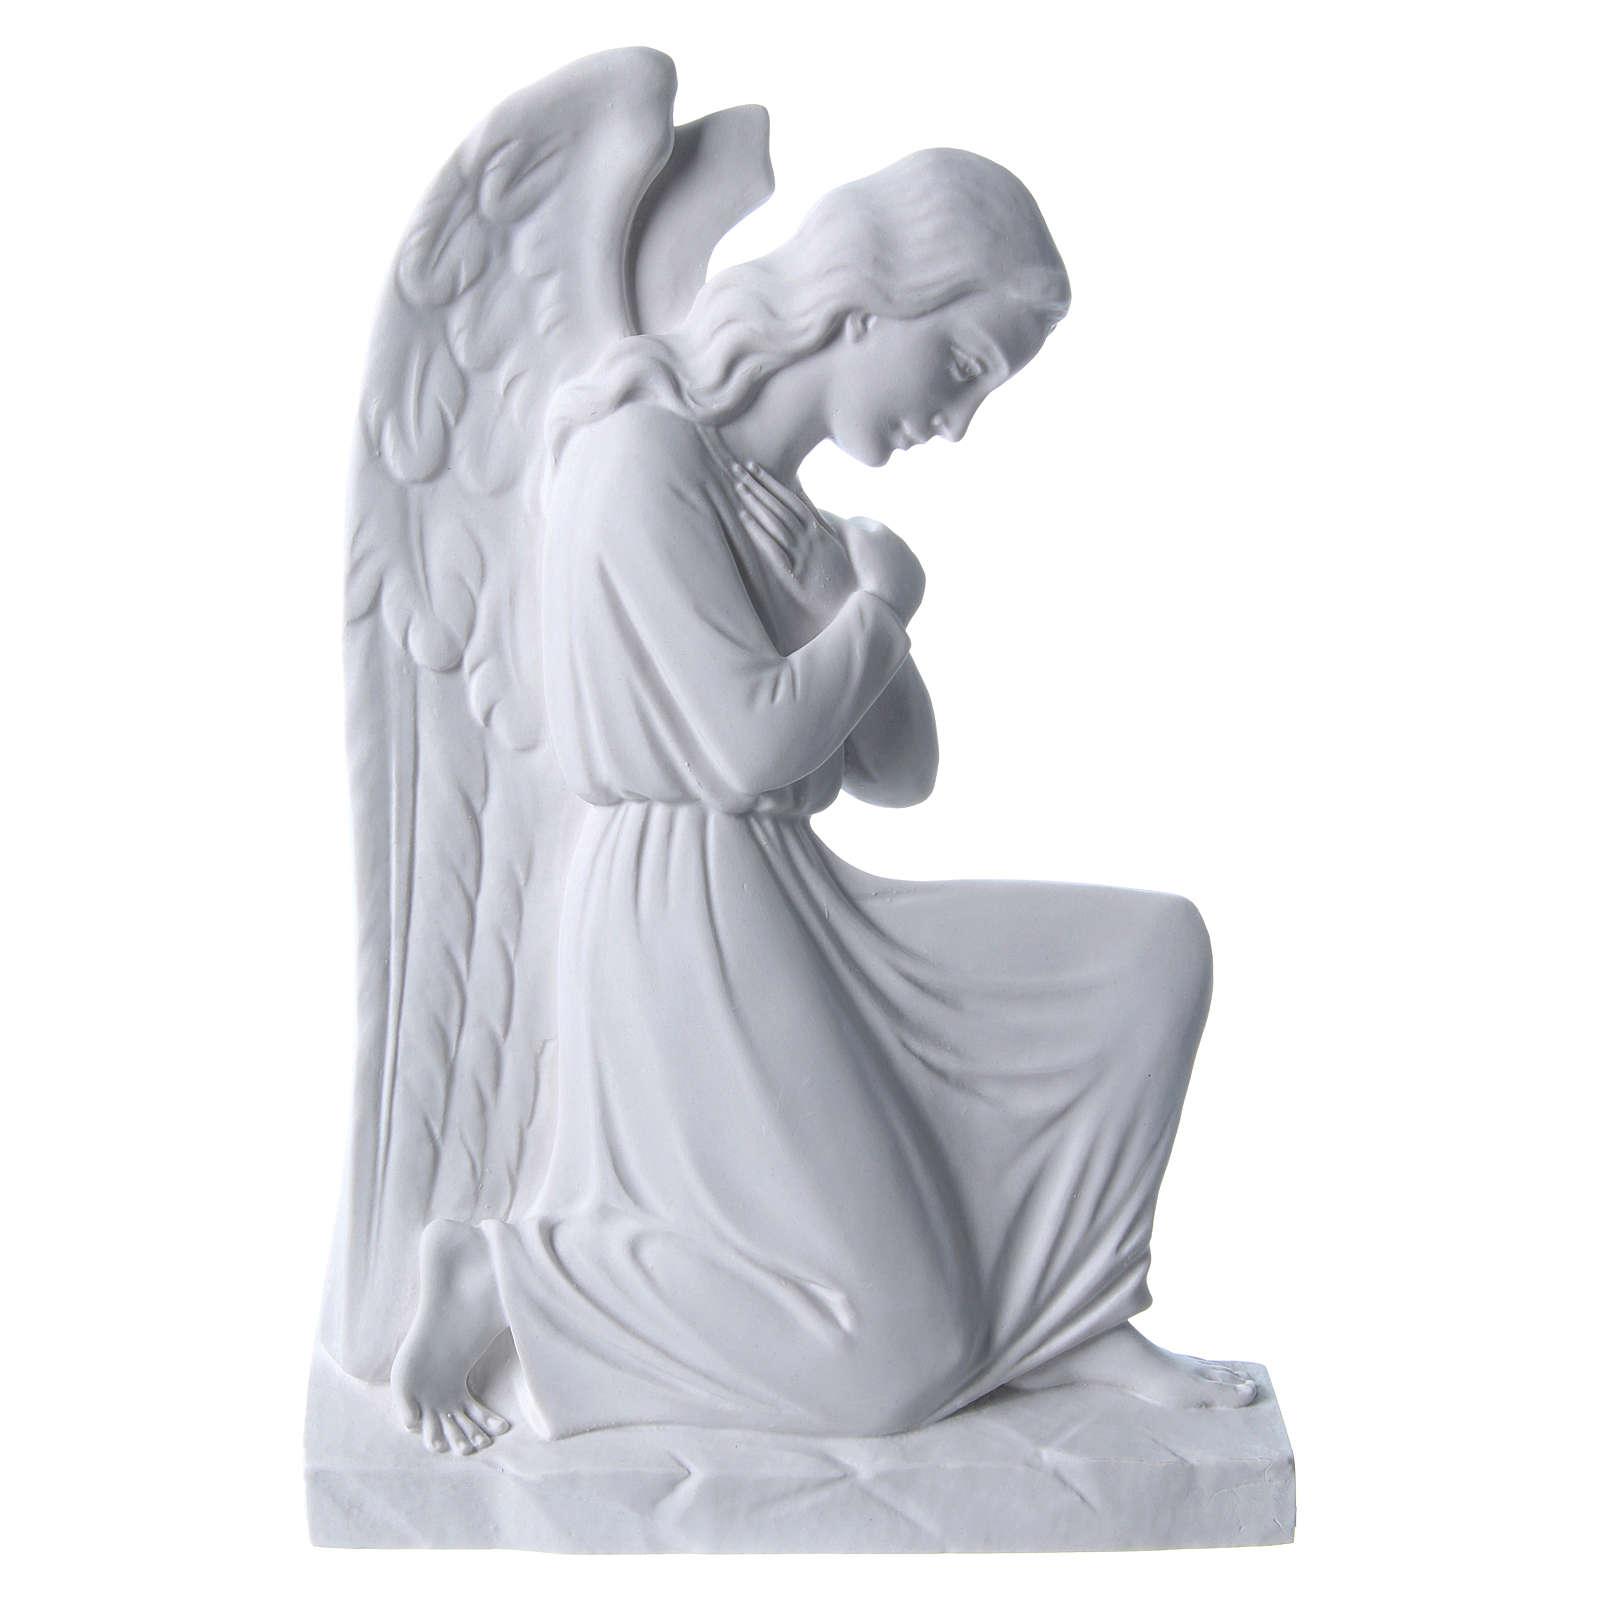 Ángel brazos entrelazados 25 cm, de mármol 3